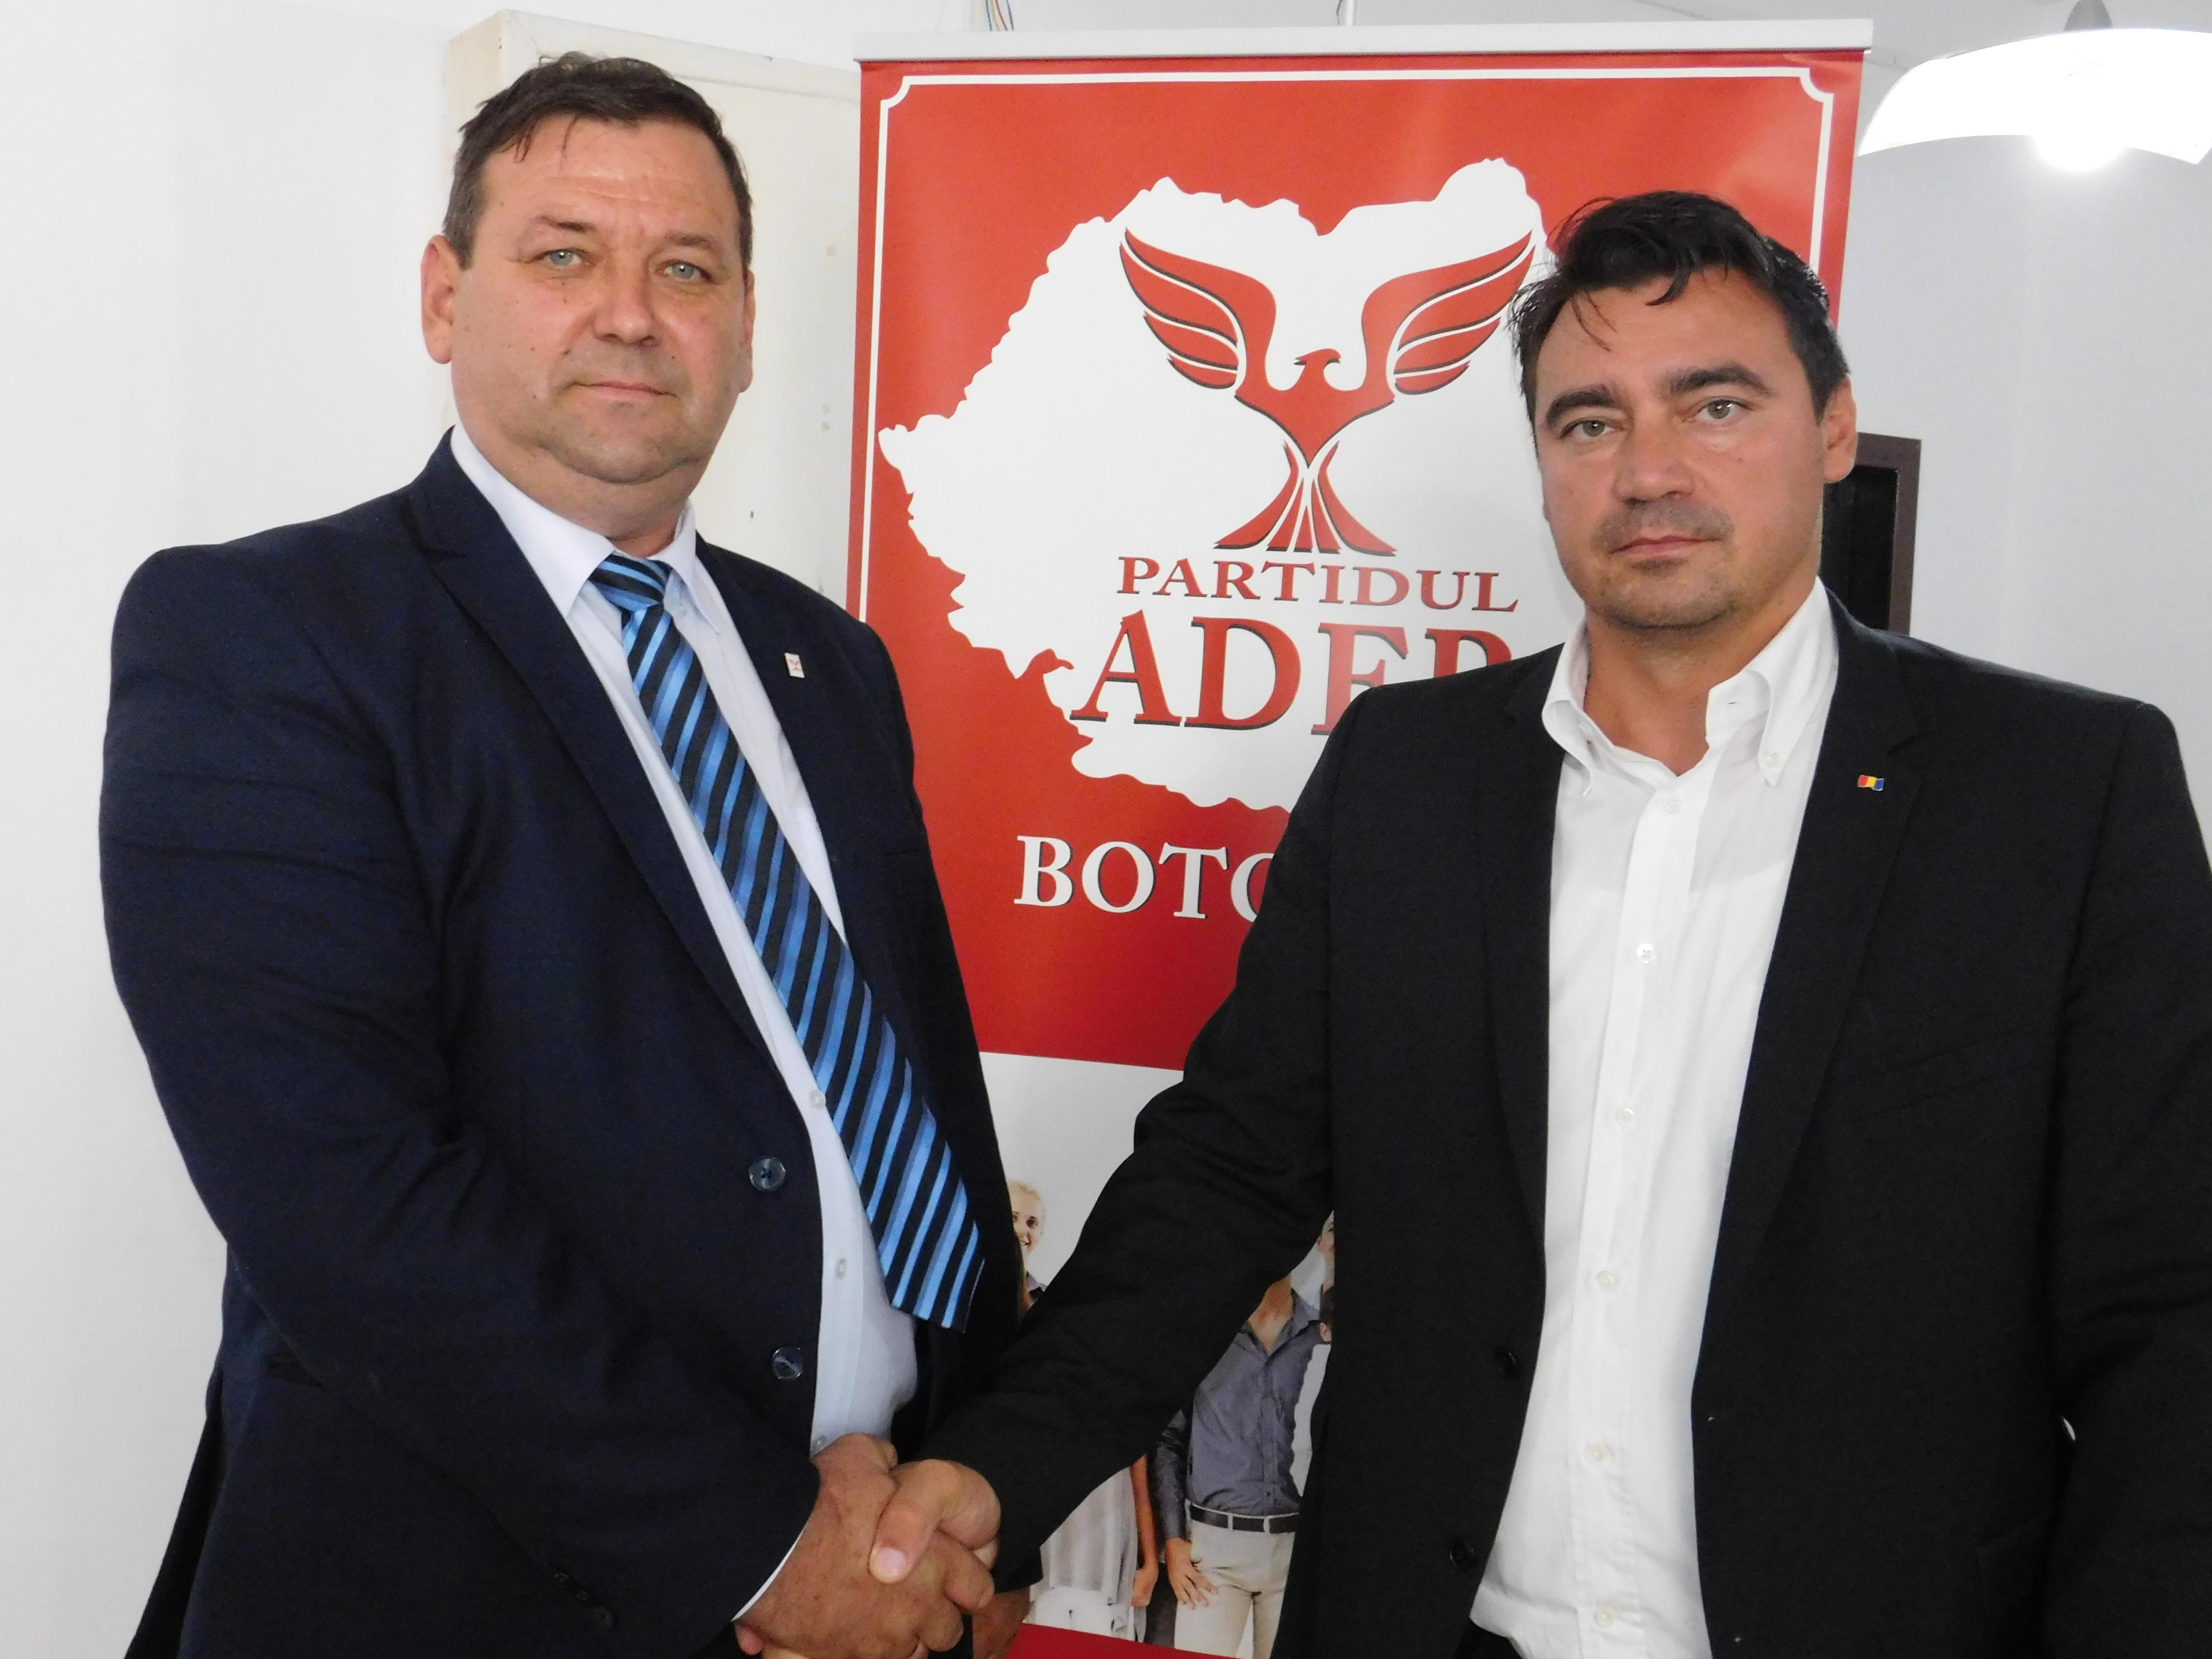 Candidatul ADER pentru prezidențiale a fost la Botoșani. Vezi ce a spus liderul local Plamadă - foto/video 22